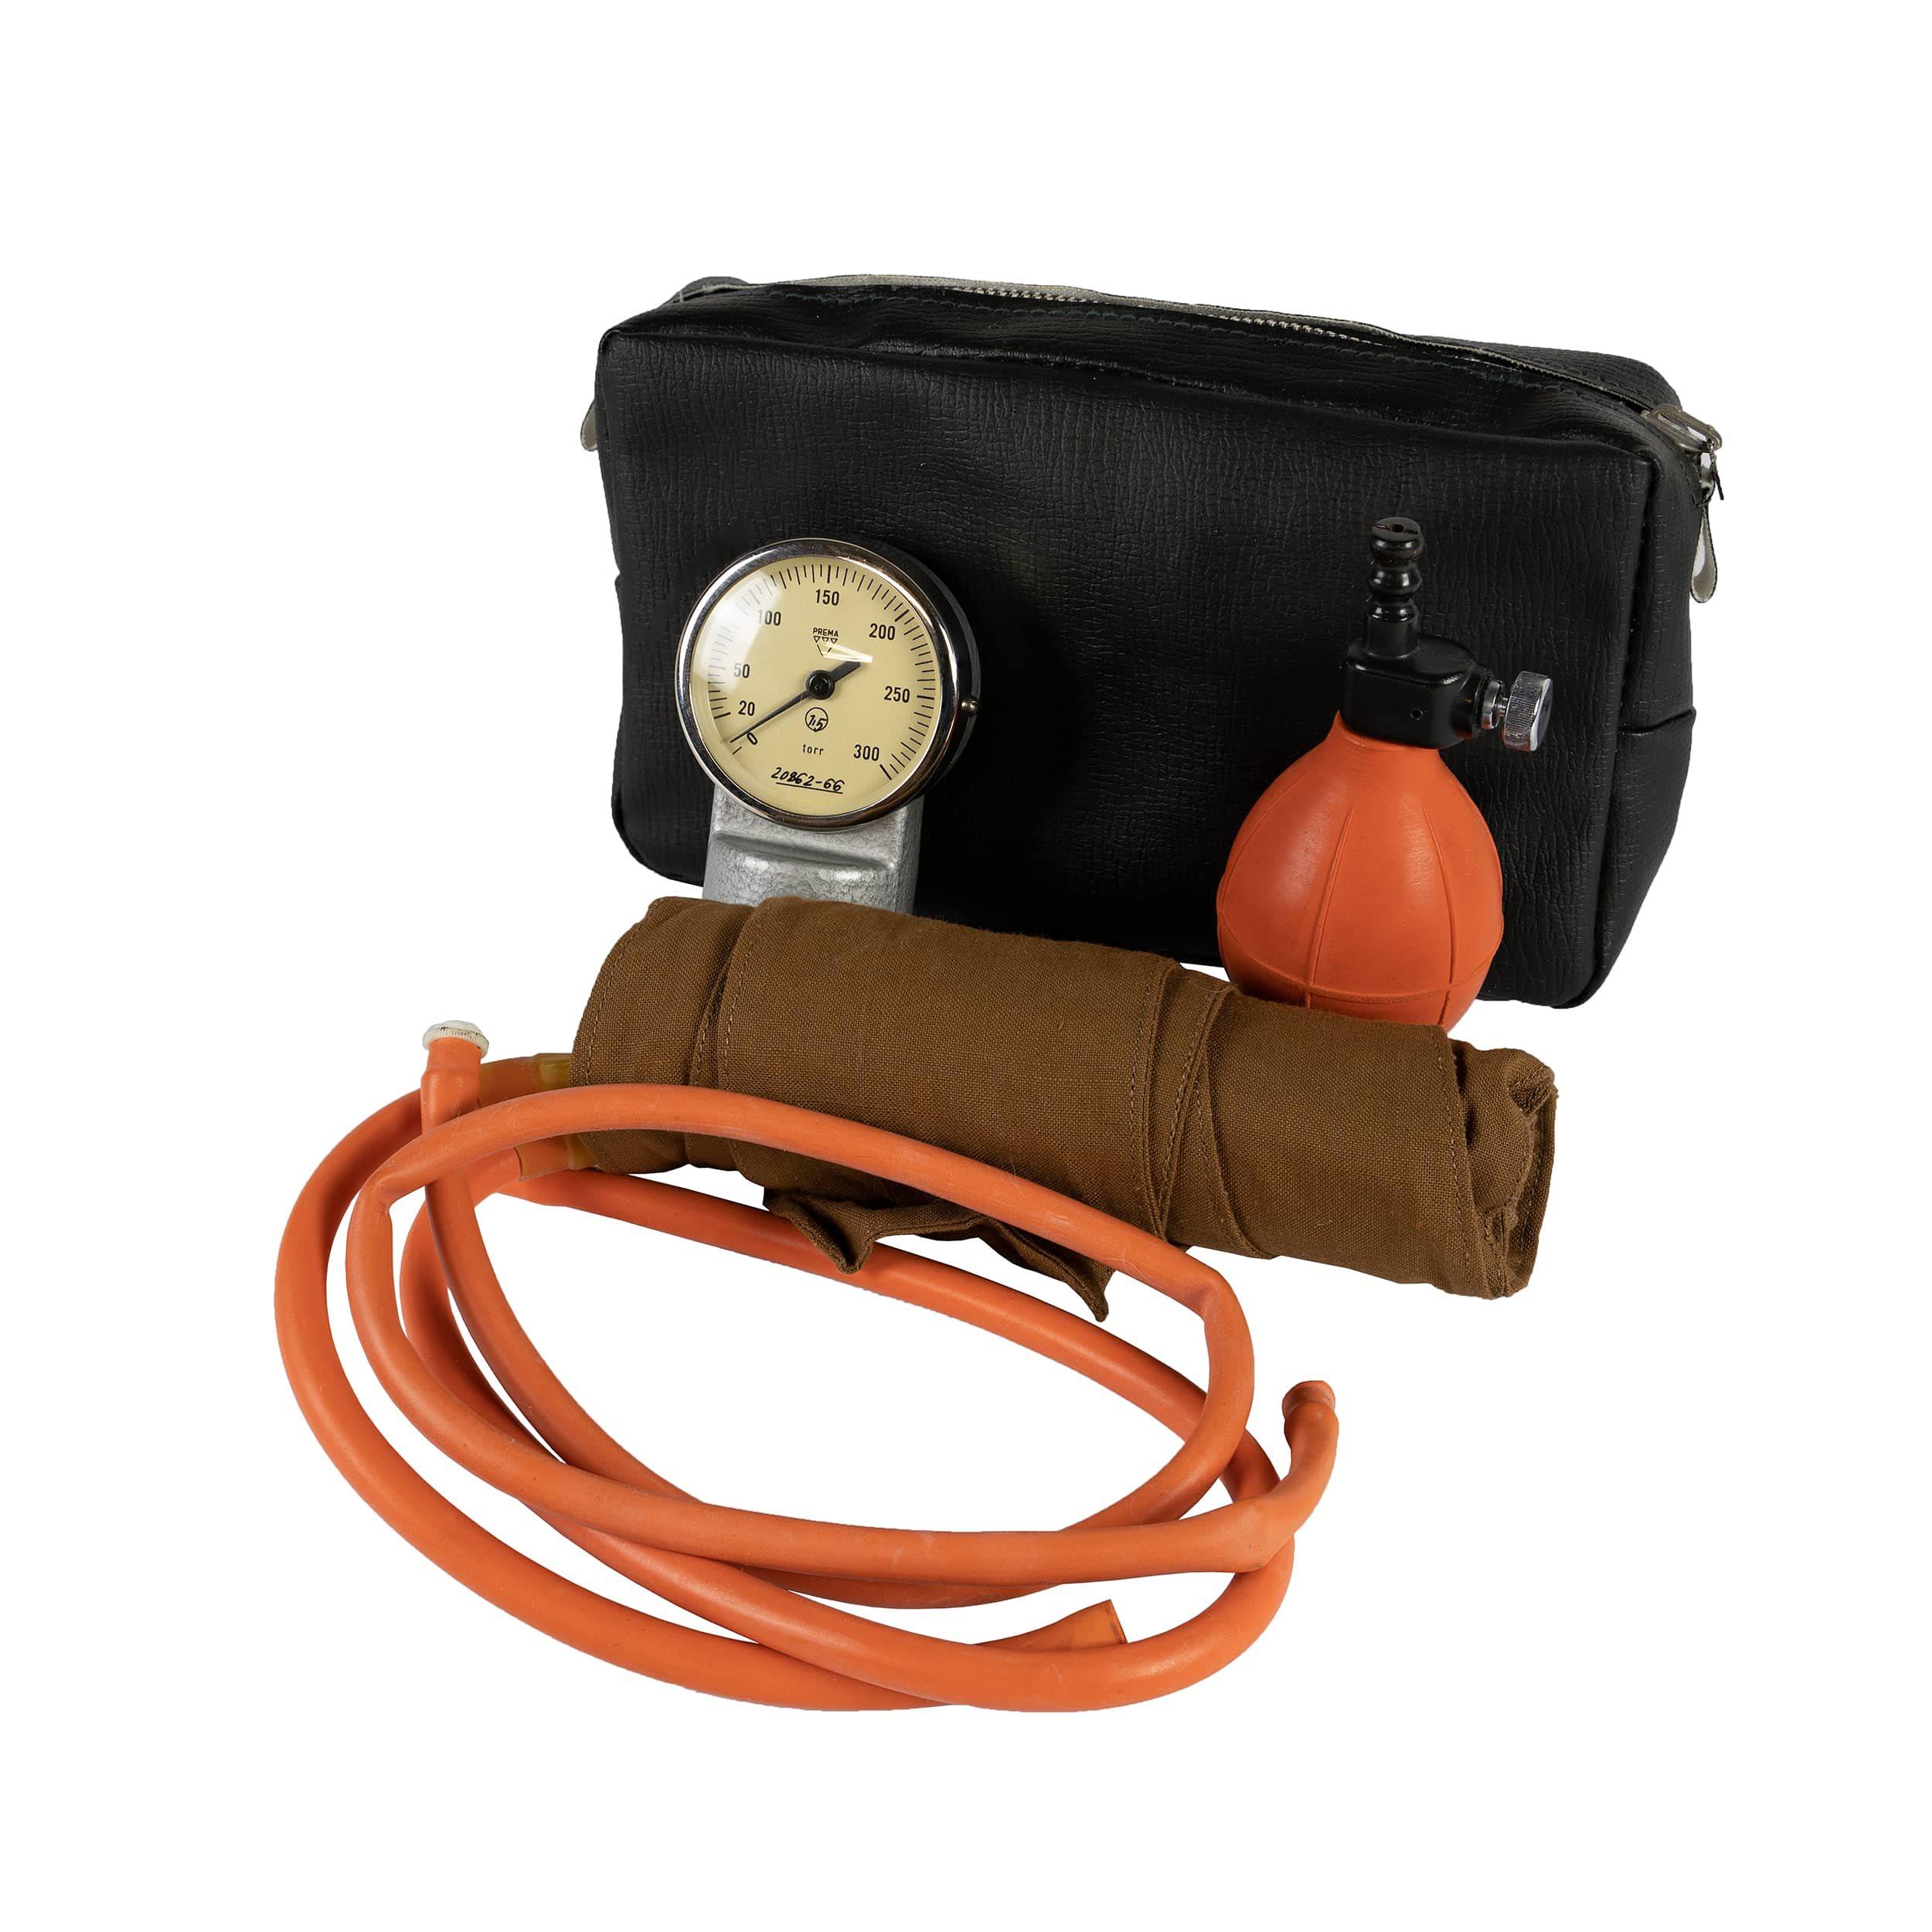 Měřič tlaku manometrický tlakoměr RETRO  8202916 L-11